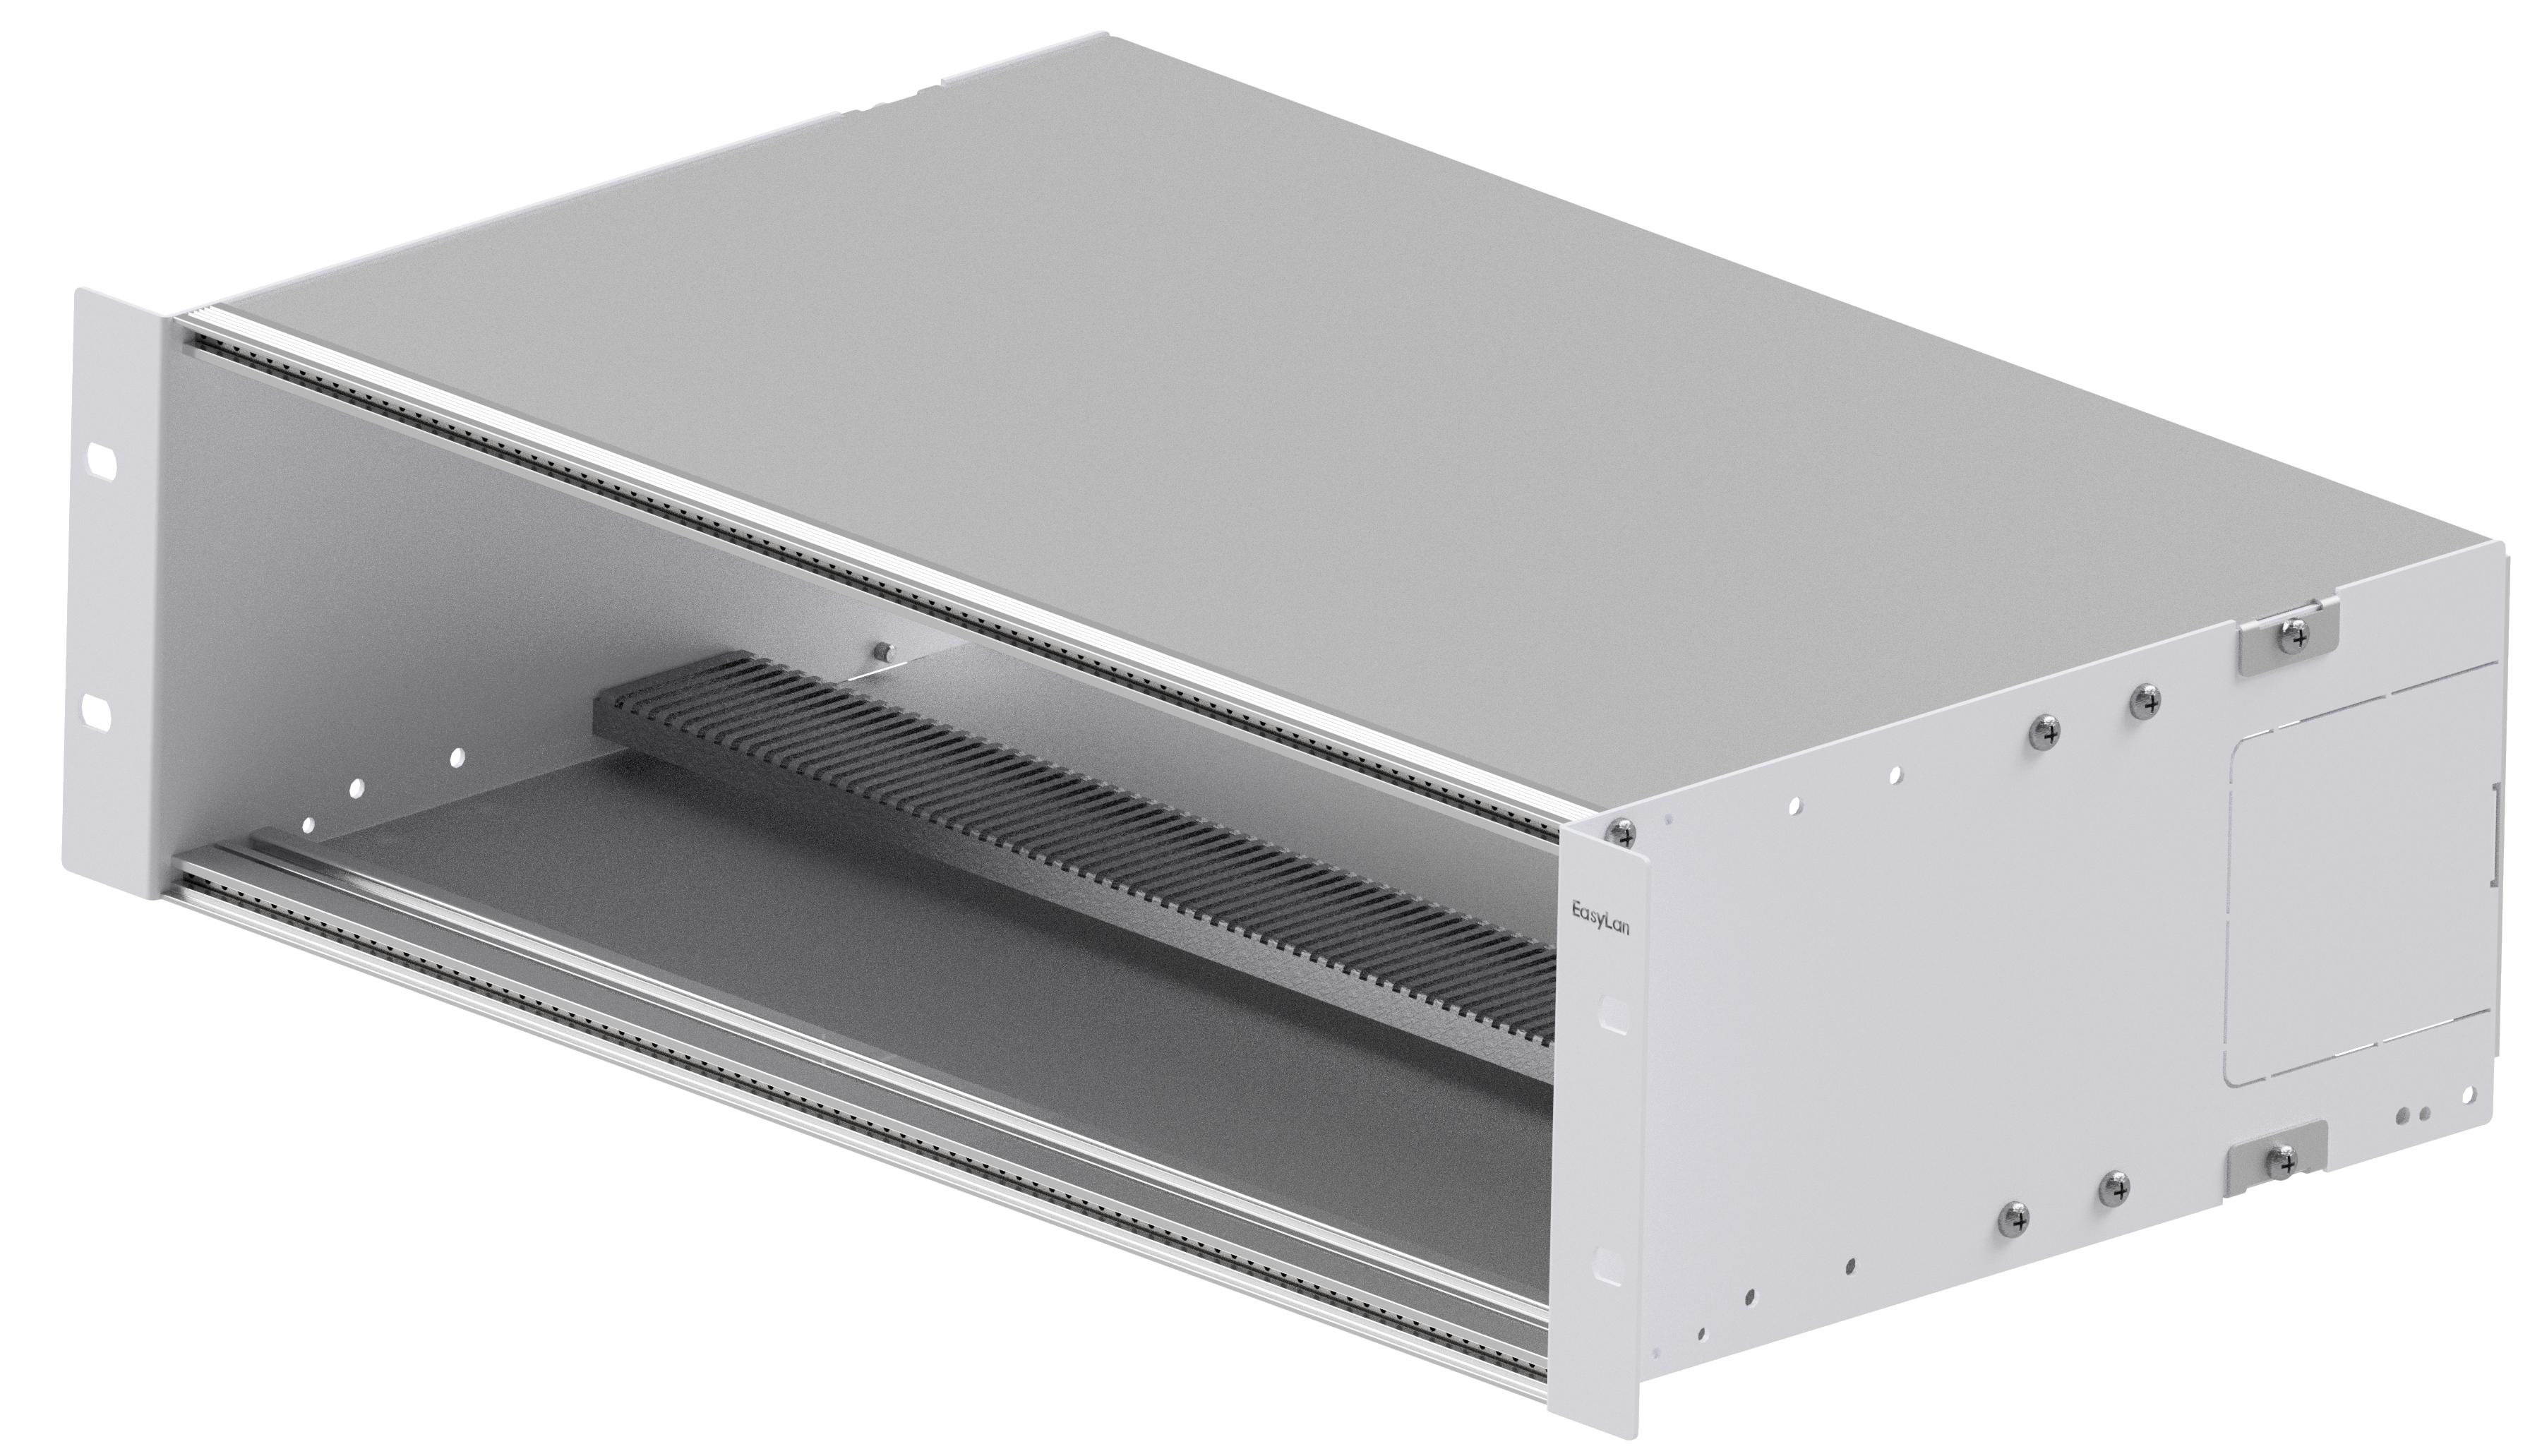 1 Stk Modulträger 19 3HE, 7TE für bis zu 12x Einschubmodule HEKB3712--